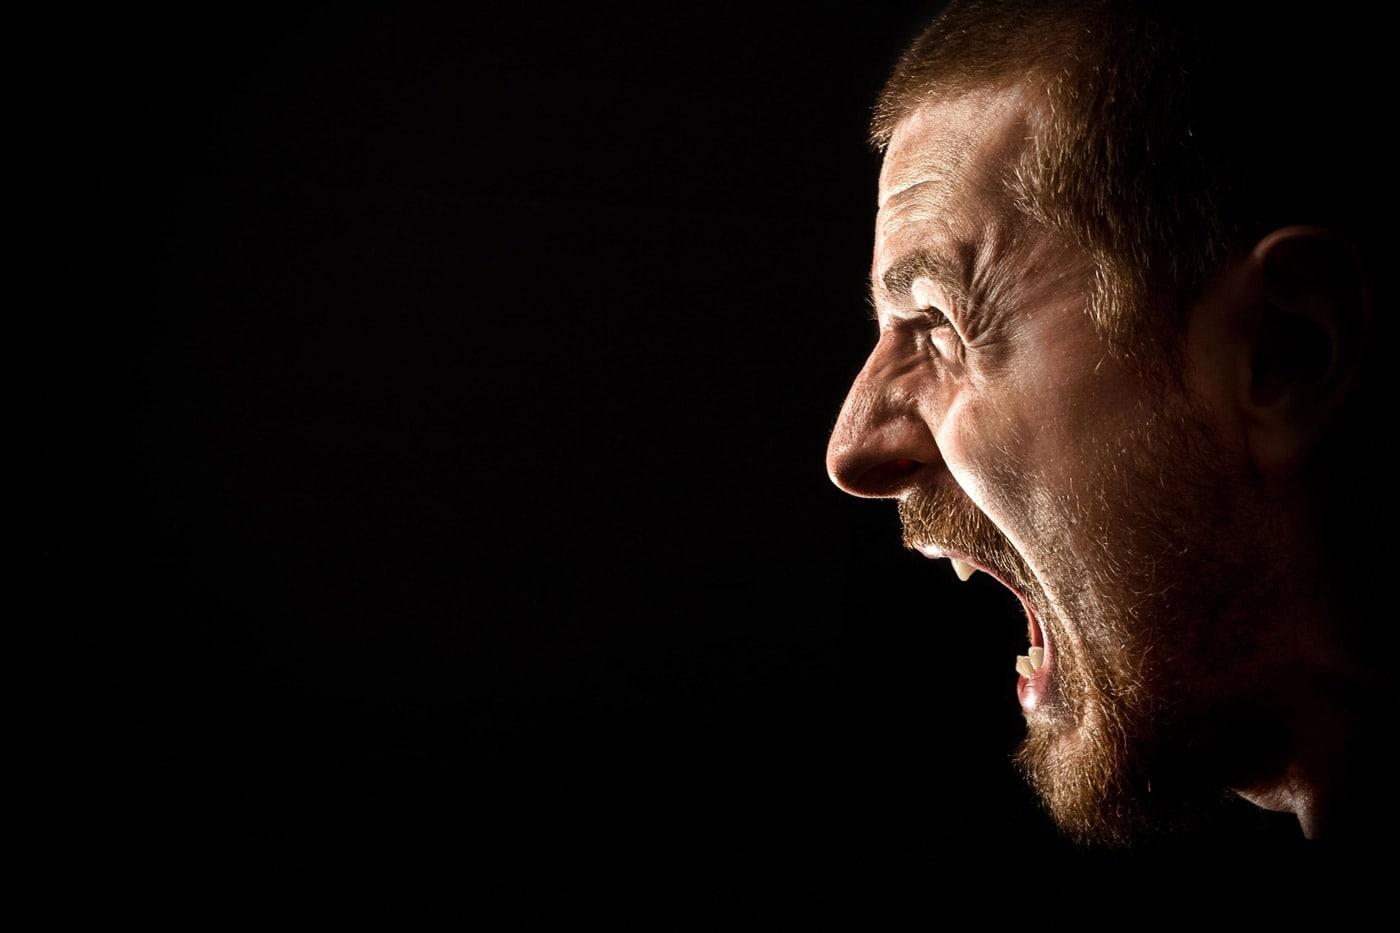 کنترل خشم آسان نیست